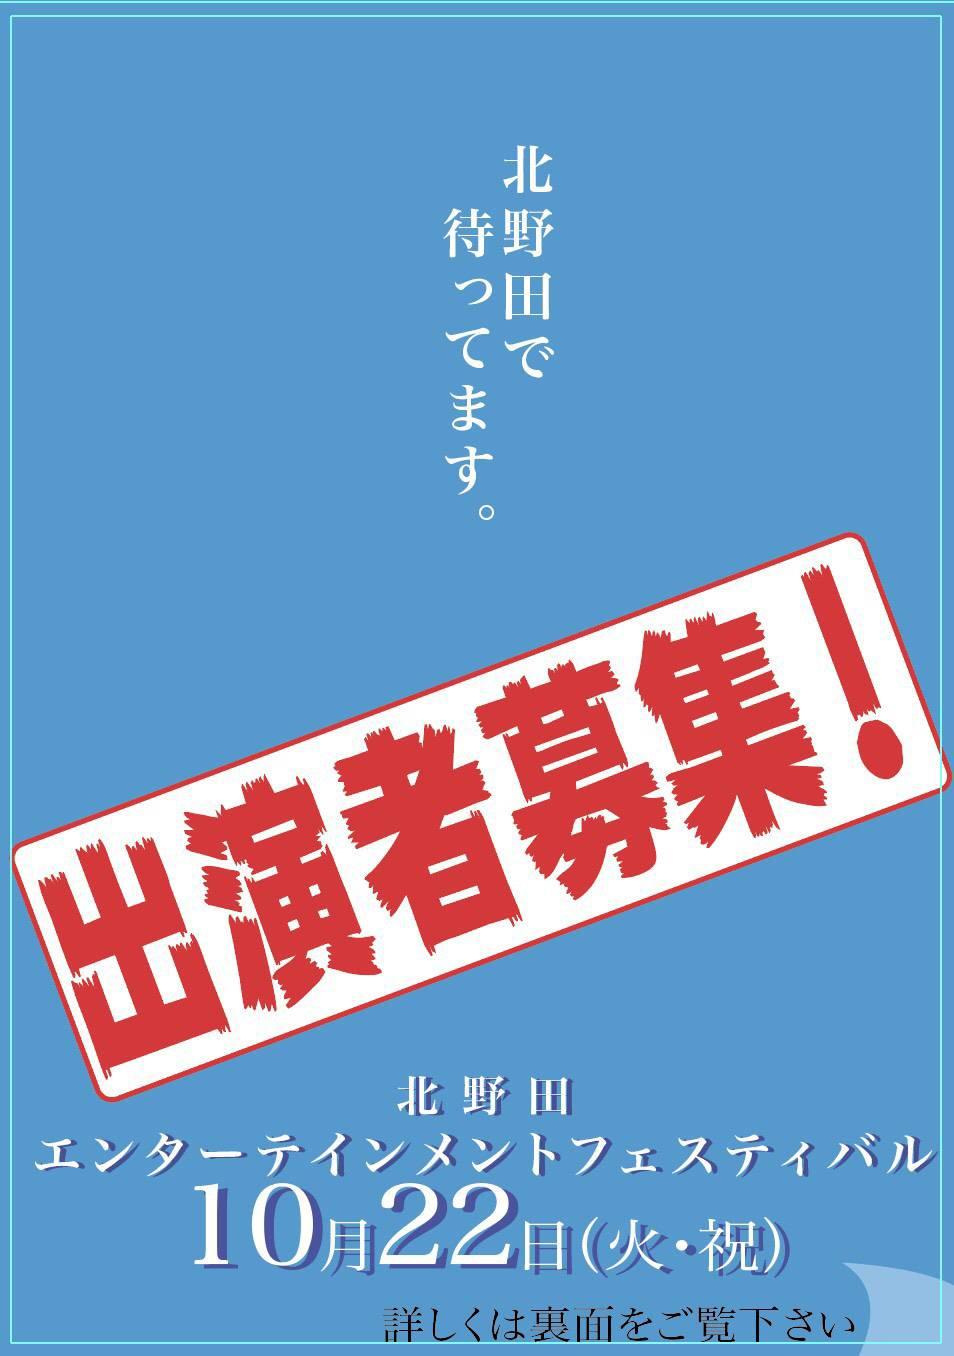 北野田エンターテインメントフェスティバル